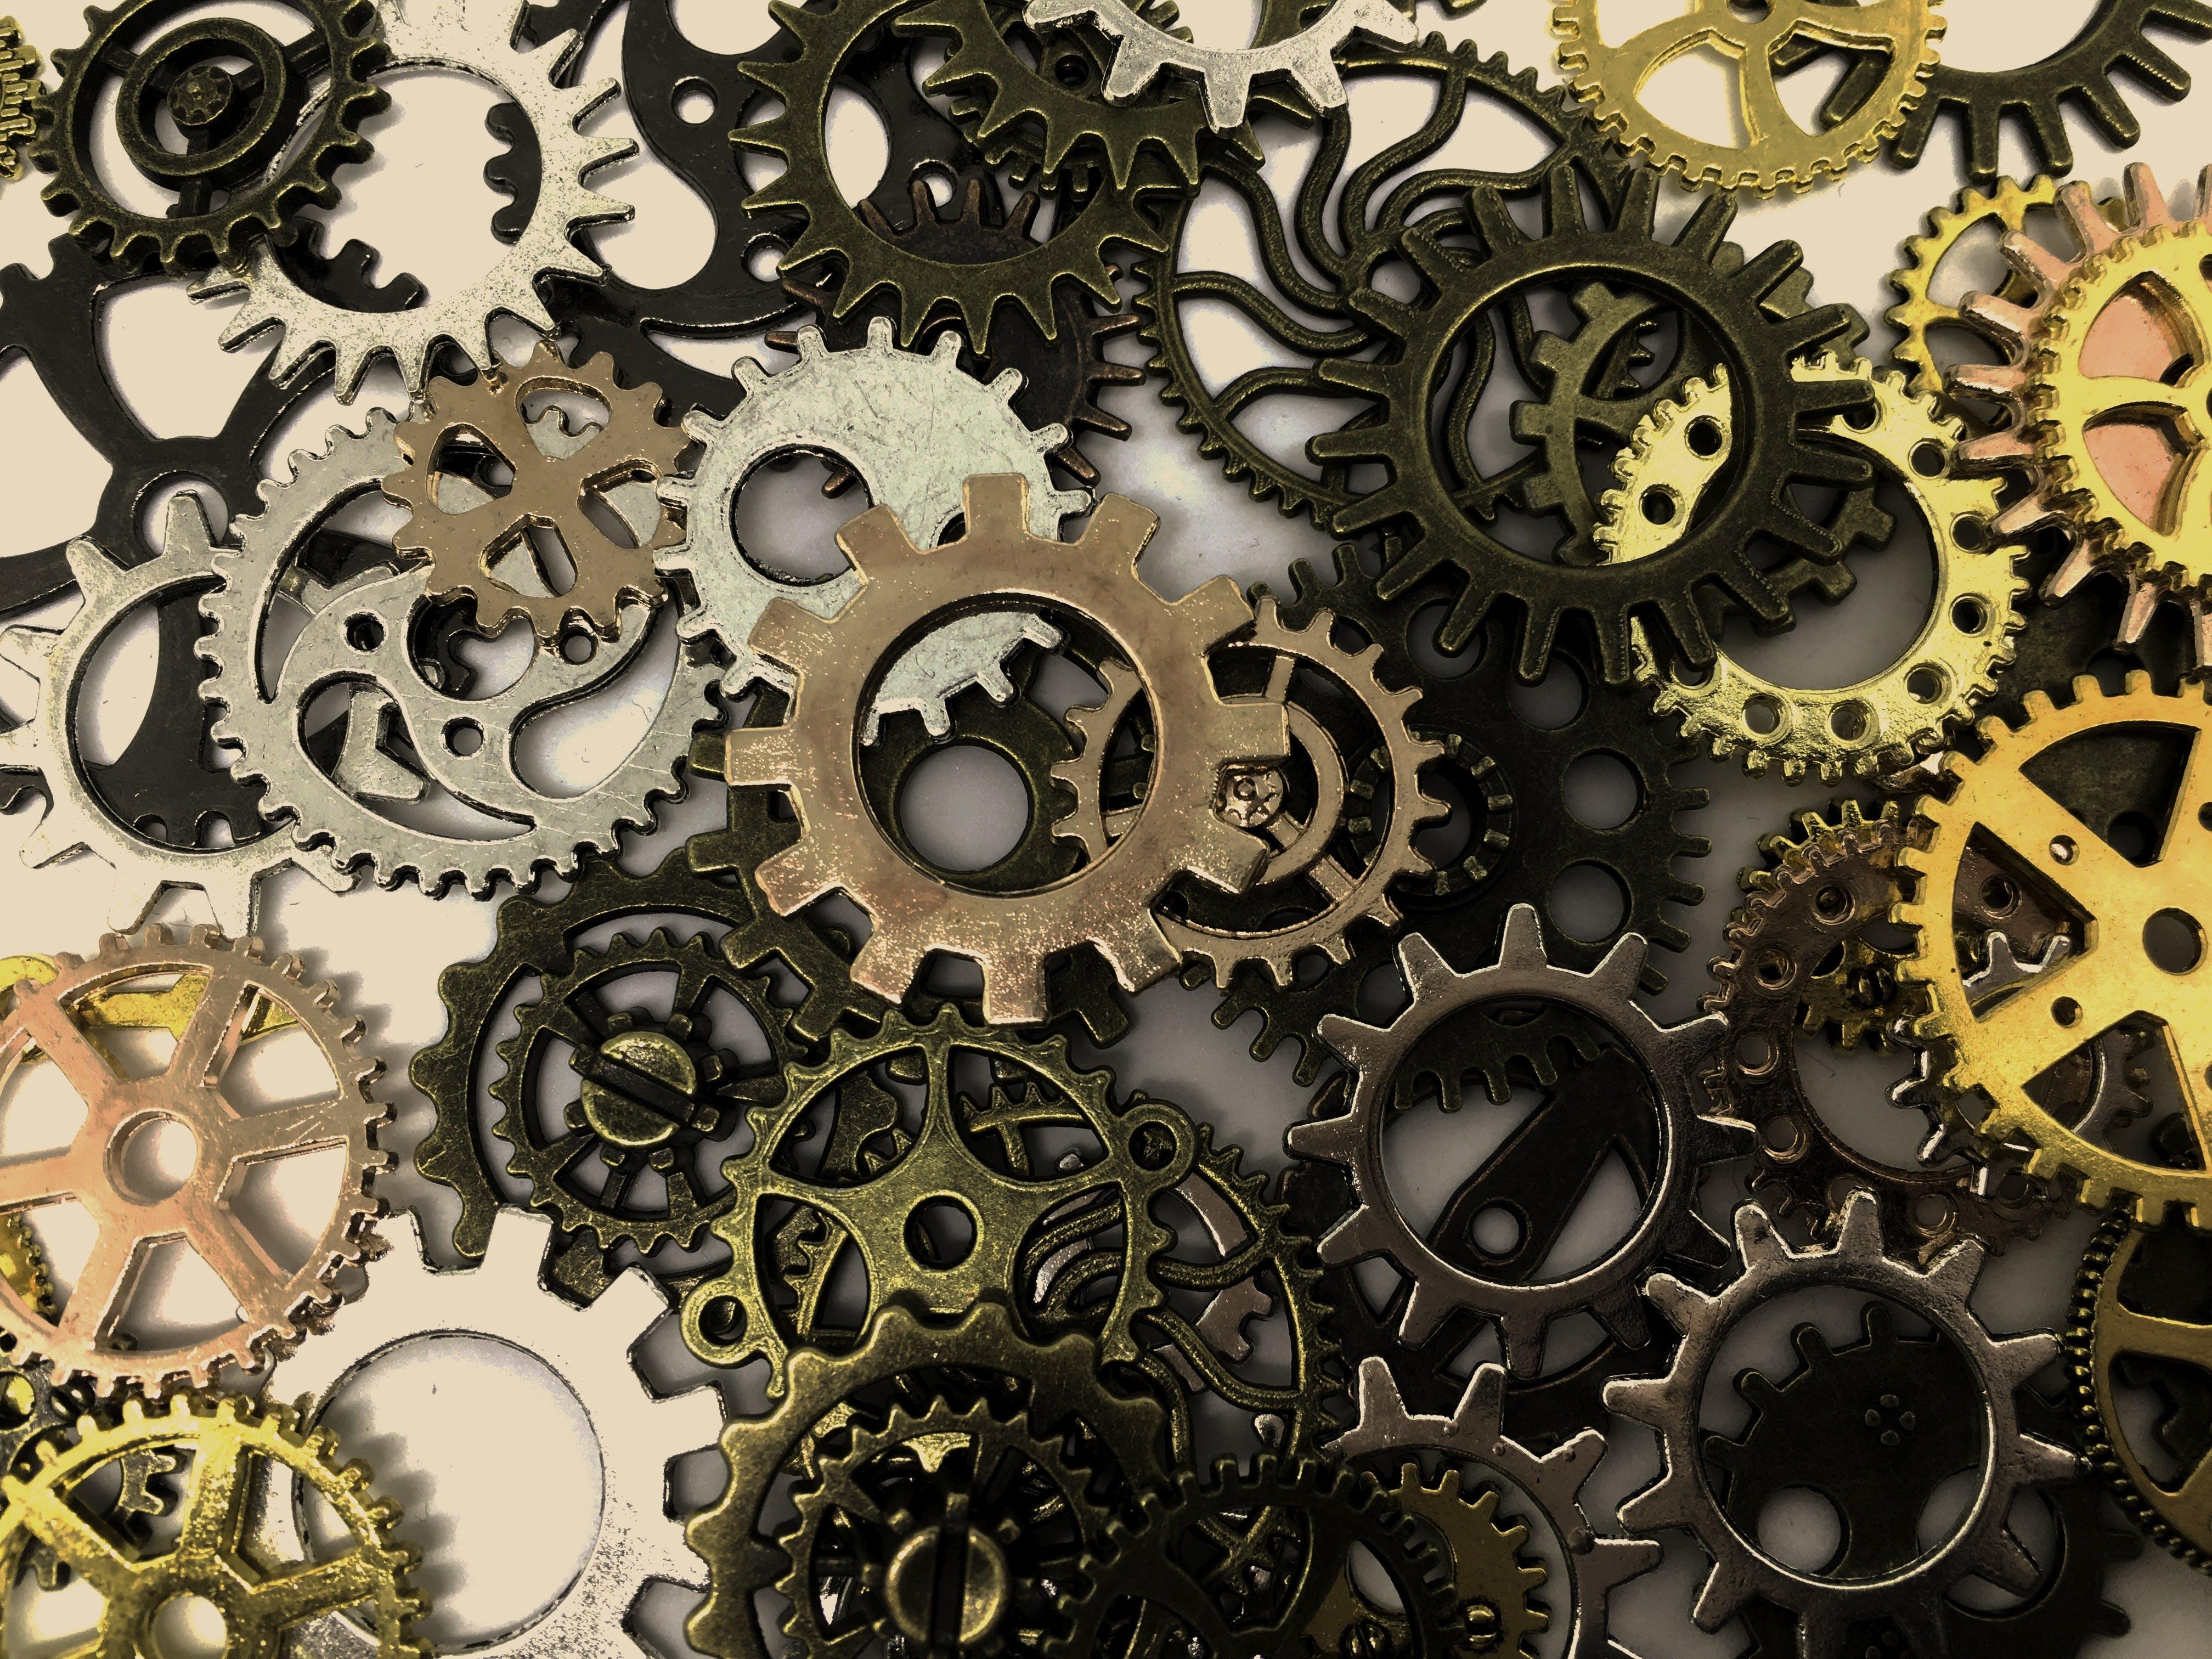 Gratis arkivbilde med design, girskift, gyllen, hjul